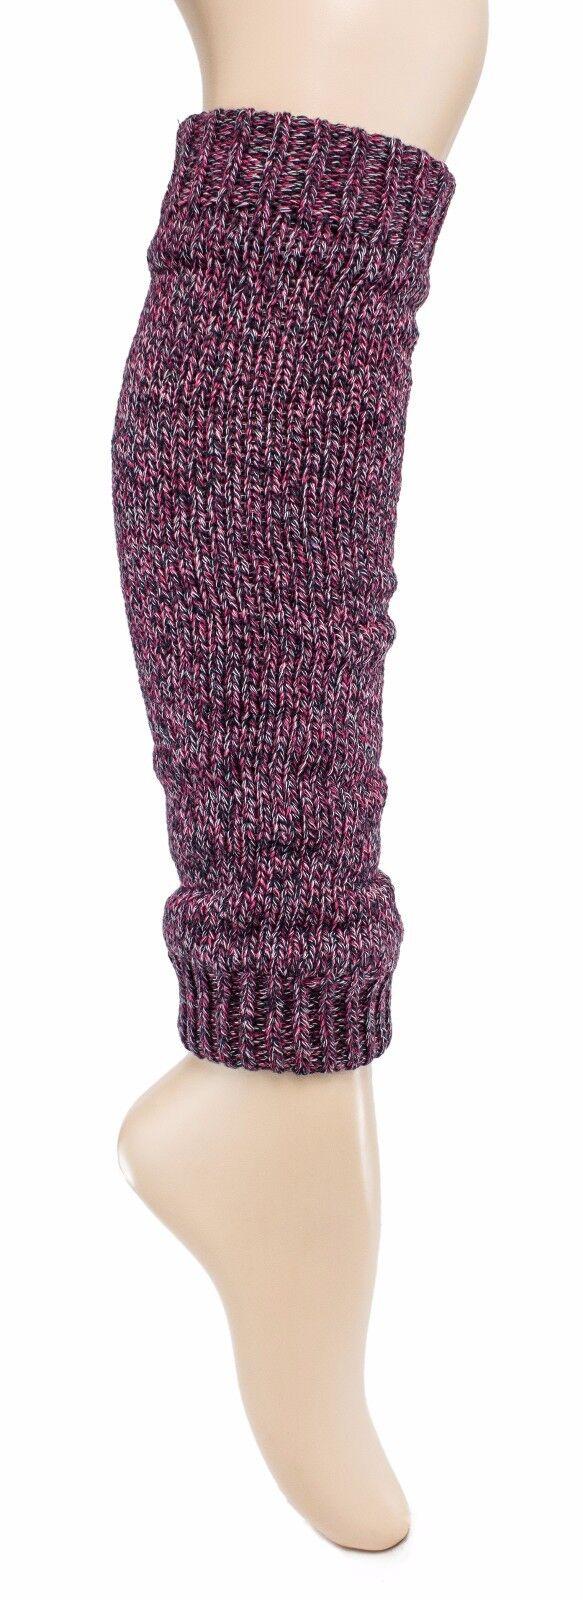 BRUBAKER trendige Damen Stulpen Strickstulpen Beinstulpen Legwarmer Baumwolle